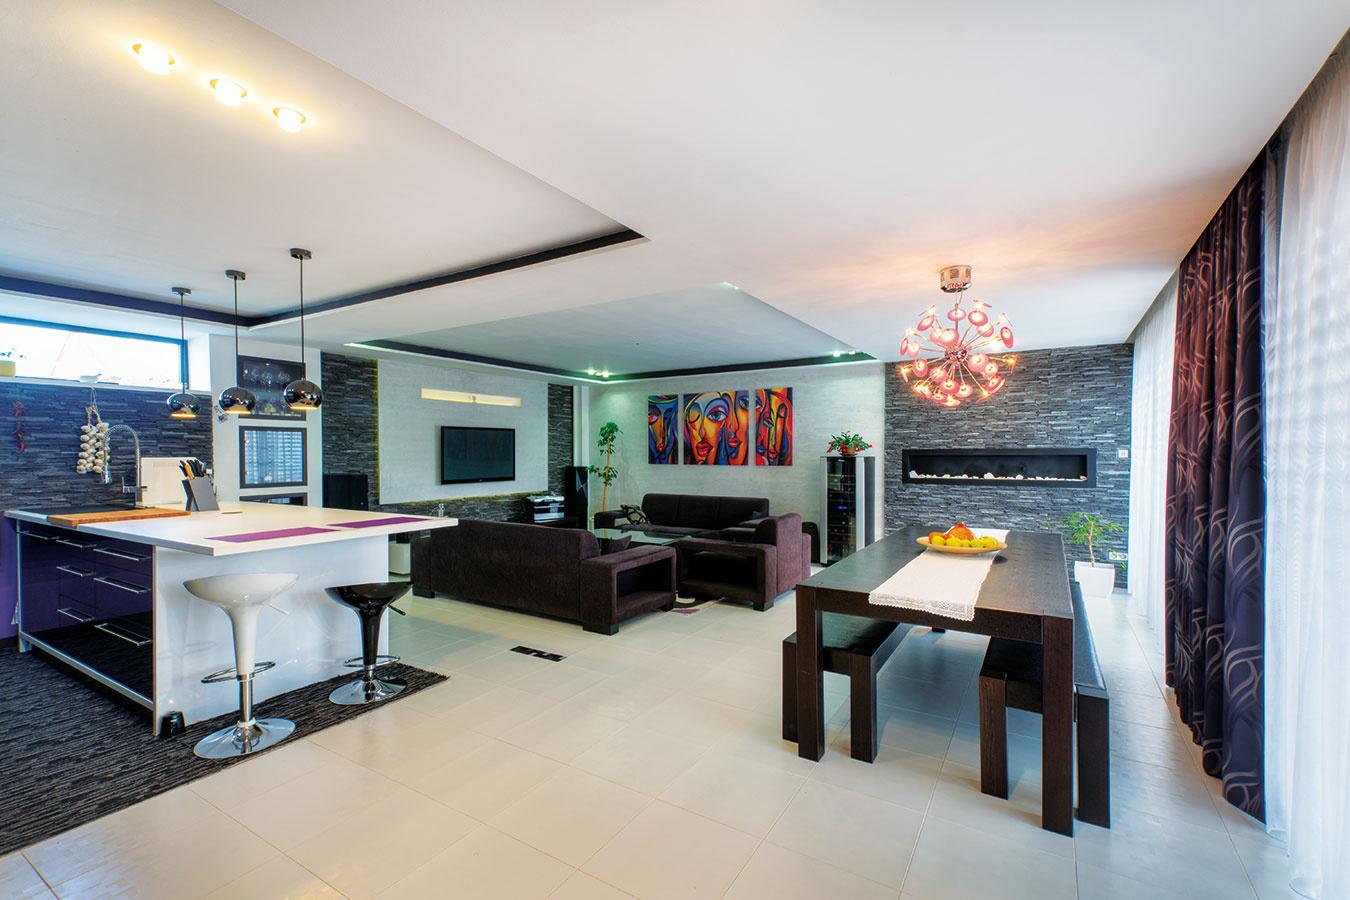 Interiér charakterizuje precízne vybrané zariadenie, nevšedné farby azaujímavé dizajnové doplnky, napríklad osvetlenie. Ako však prezradila domáca pani, to najlepšie je ešte vinteriérových plánoch.